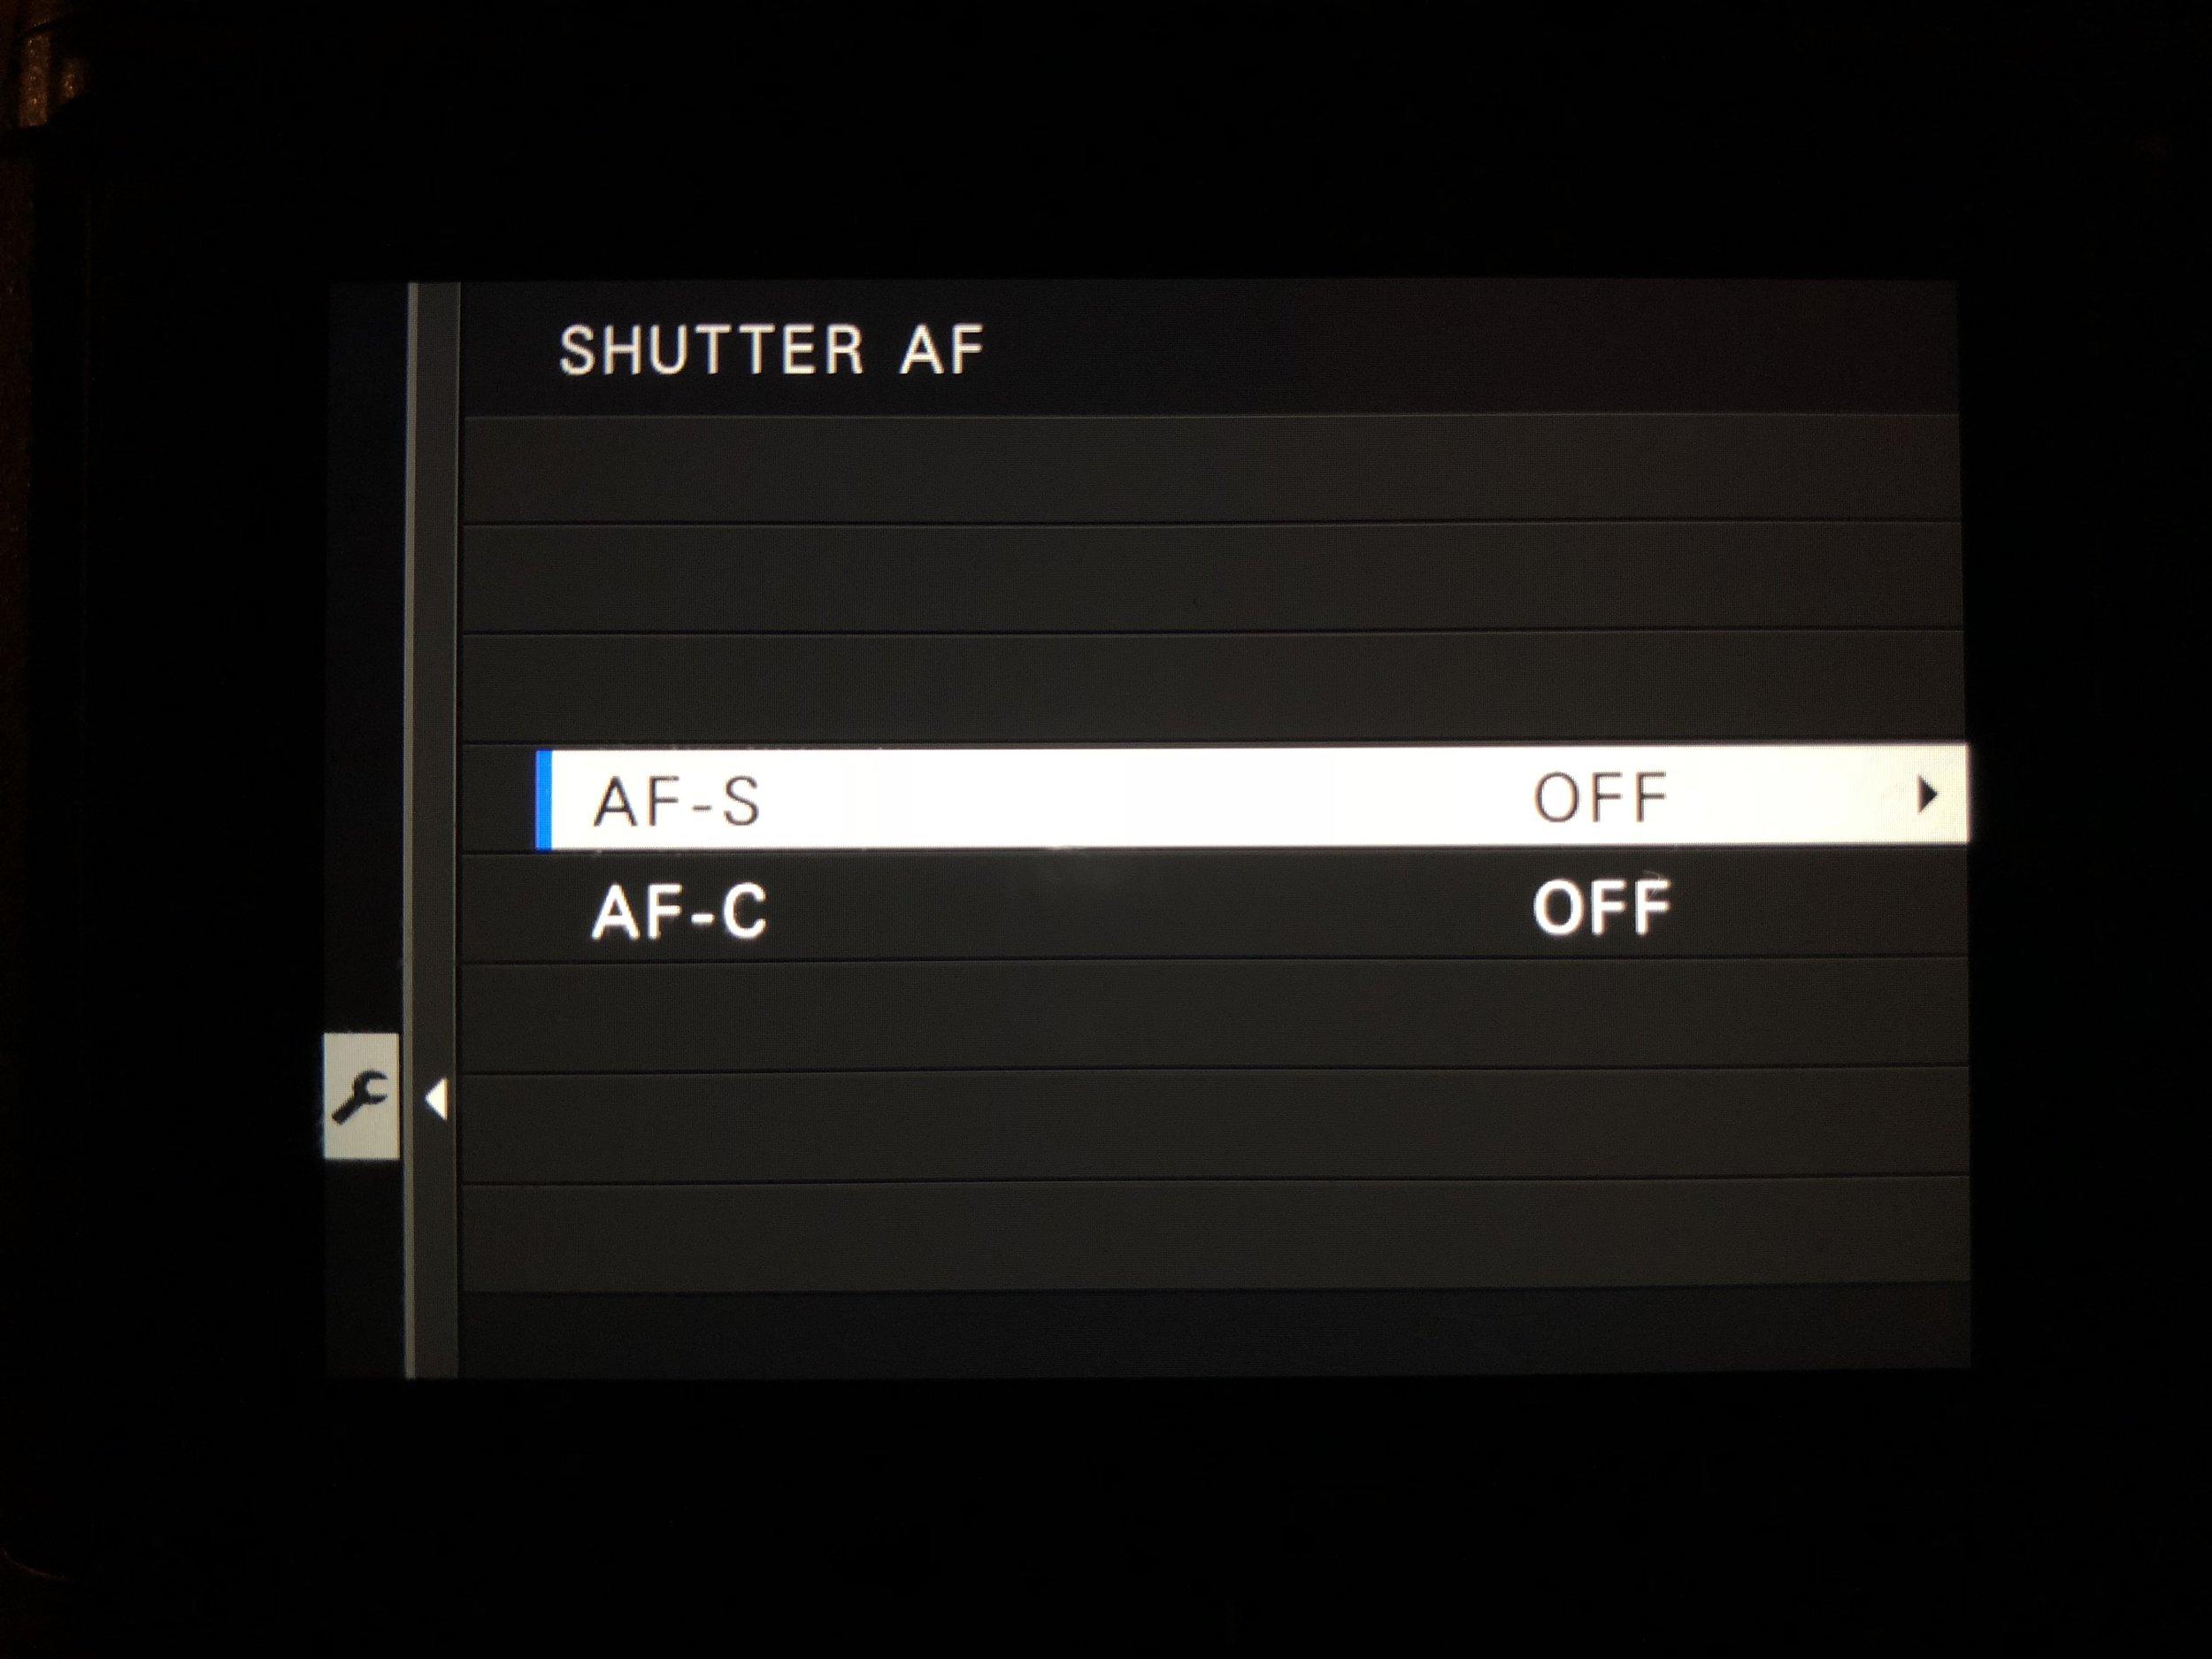 Shutter AF Off - Set Up>Button/Dial Setting>Shutter AF>AF-S>Off